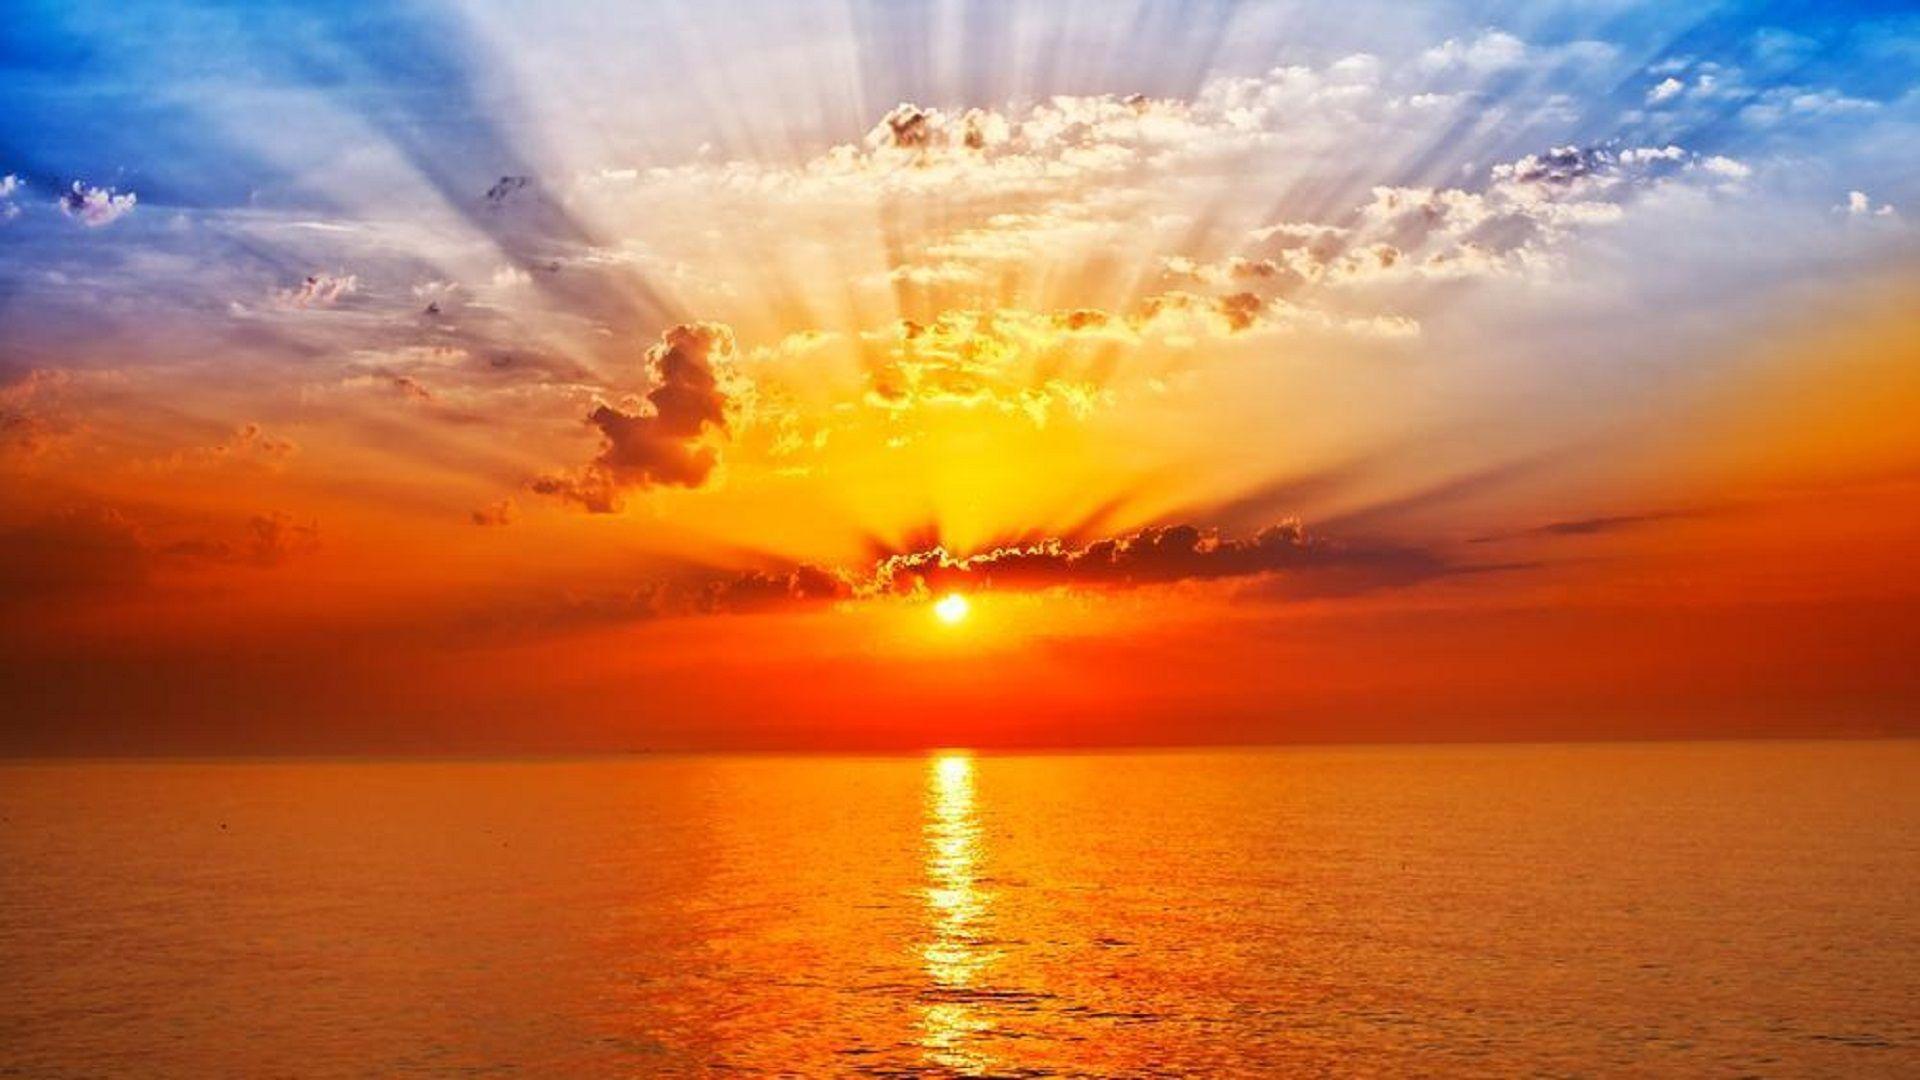 Sunrise Wallpaper 4k